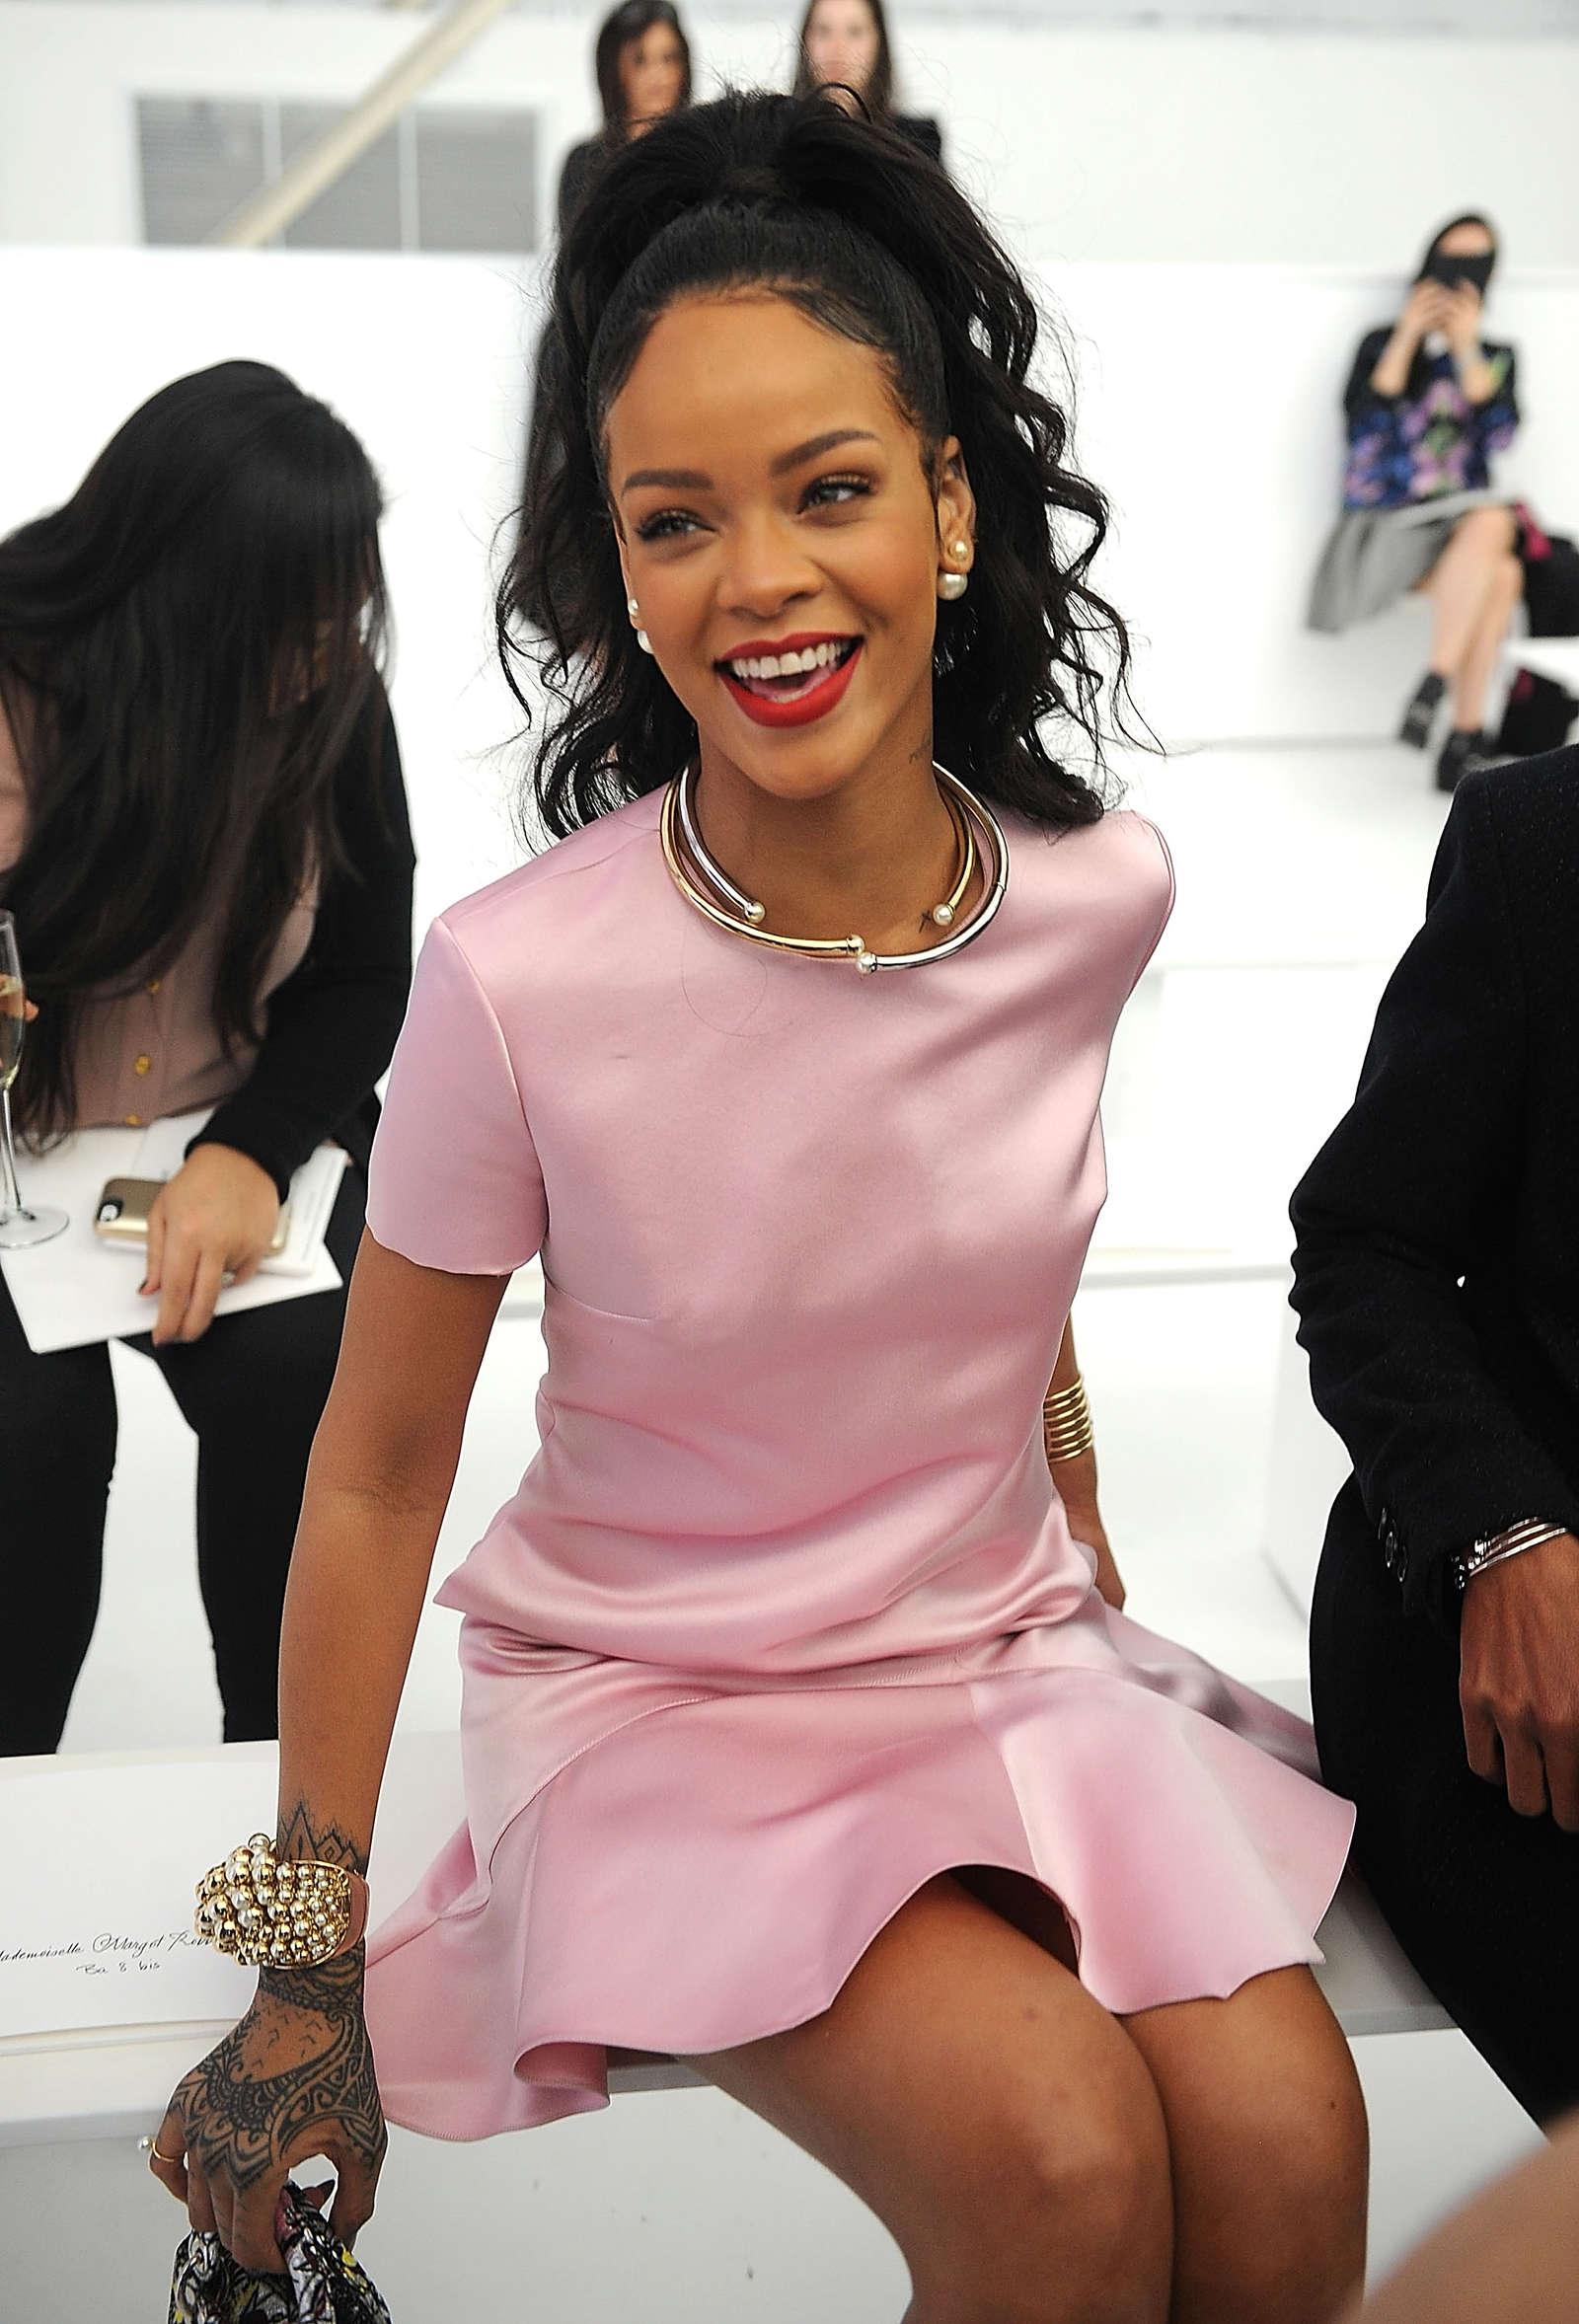 Dior Cruise Fashion Show  Rihanna